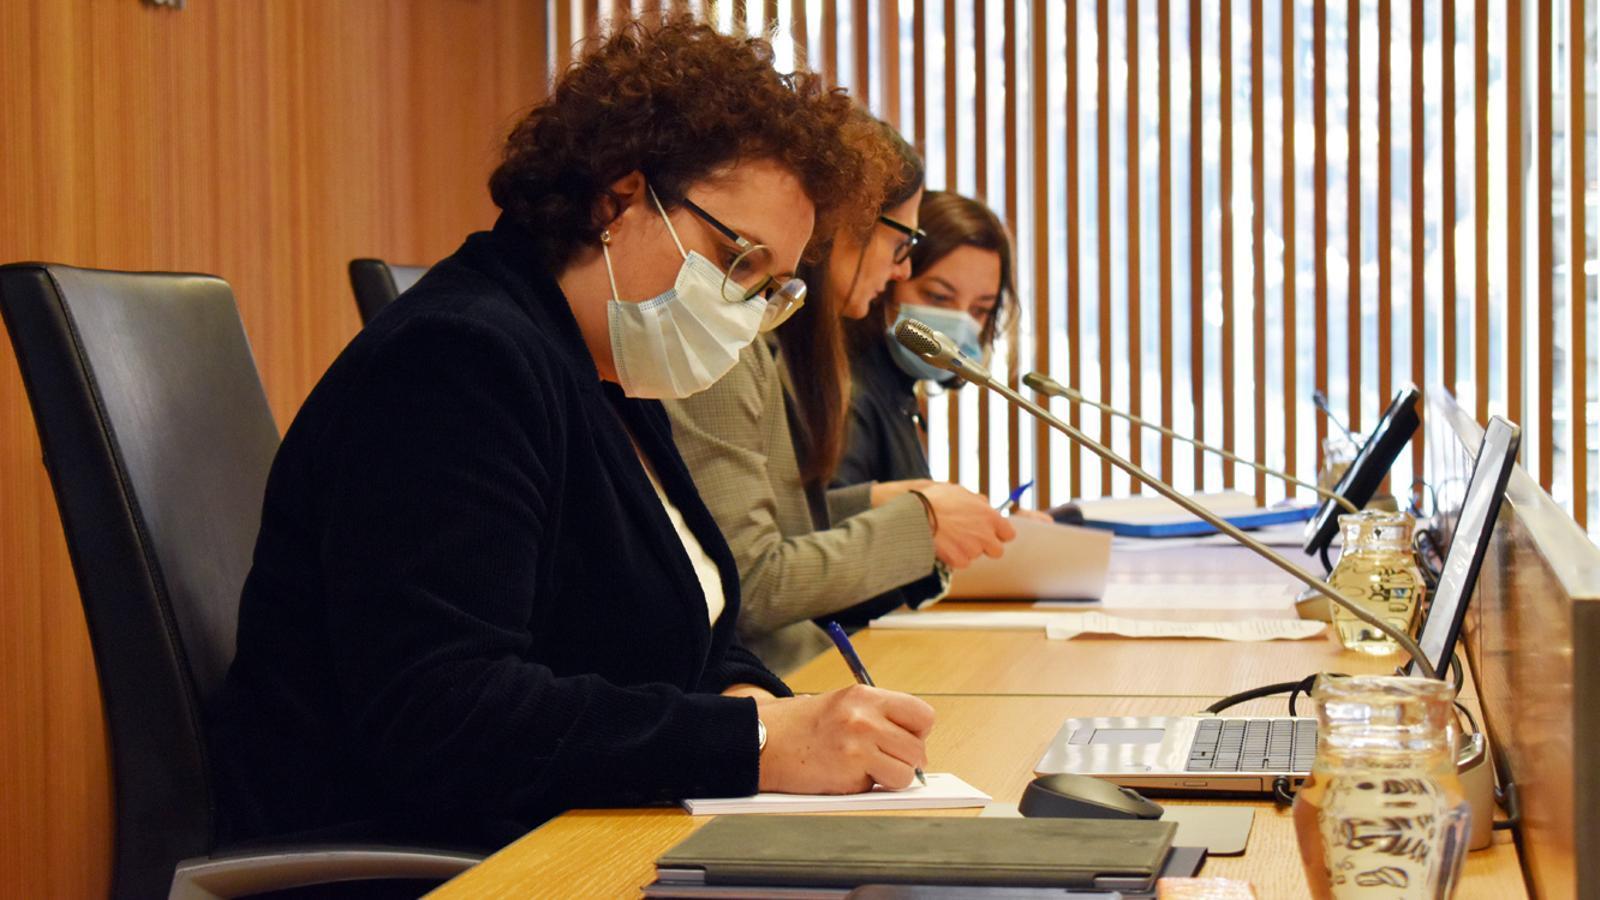 La ministra de Funció Pública i Simplificació Adminisrativa, Judith Pallarés, moments previs a la compareixença. / M. P. (ANA)